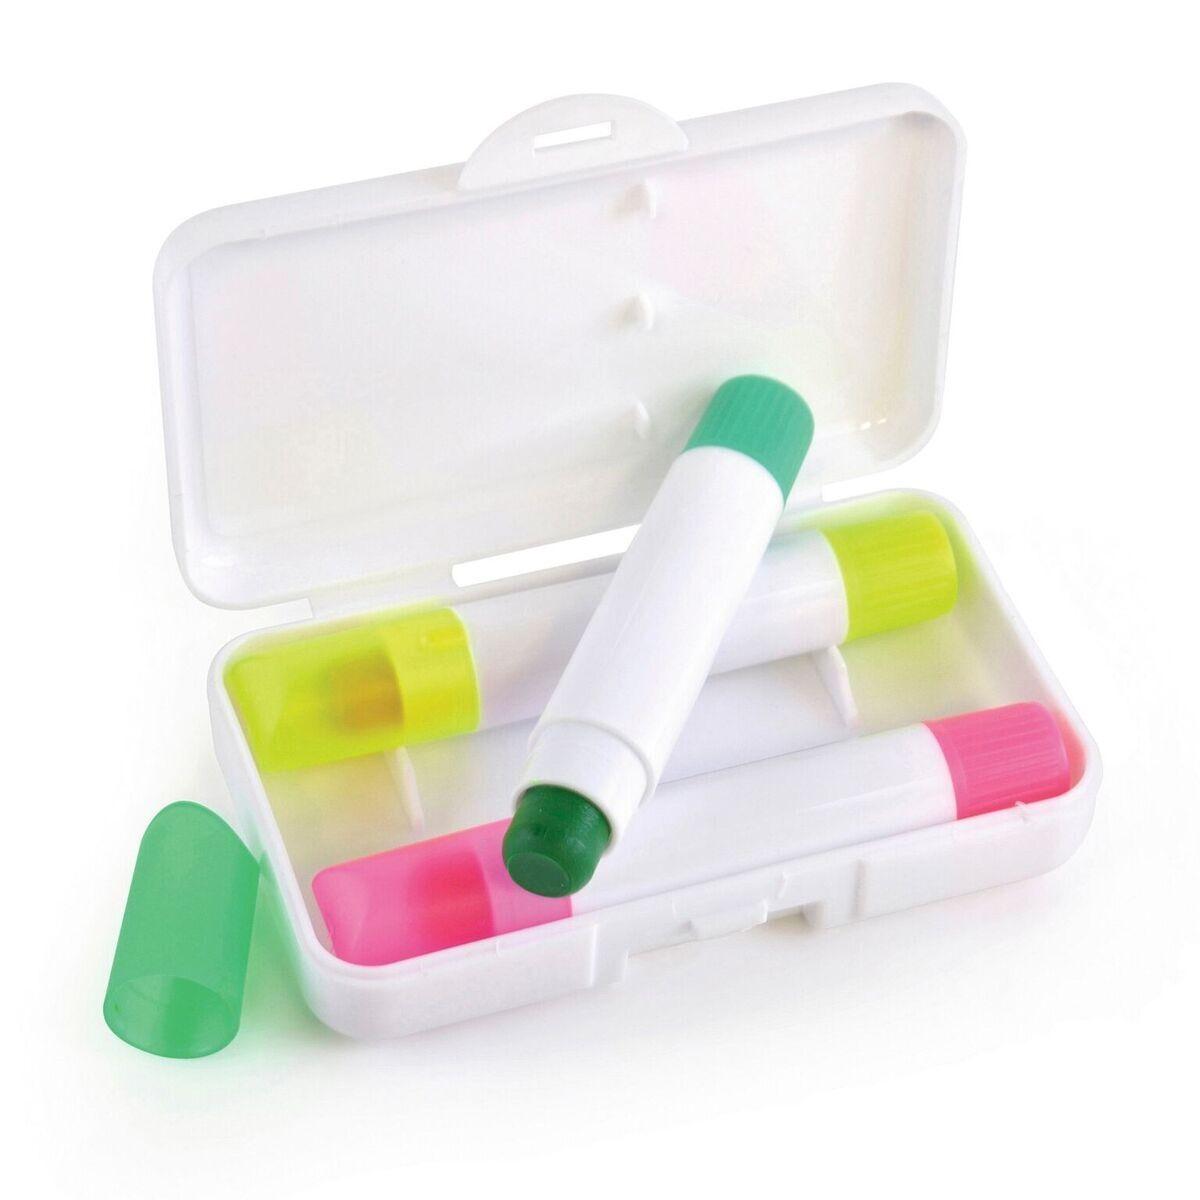 Crayon Highlighter Pen Set